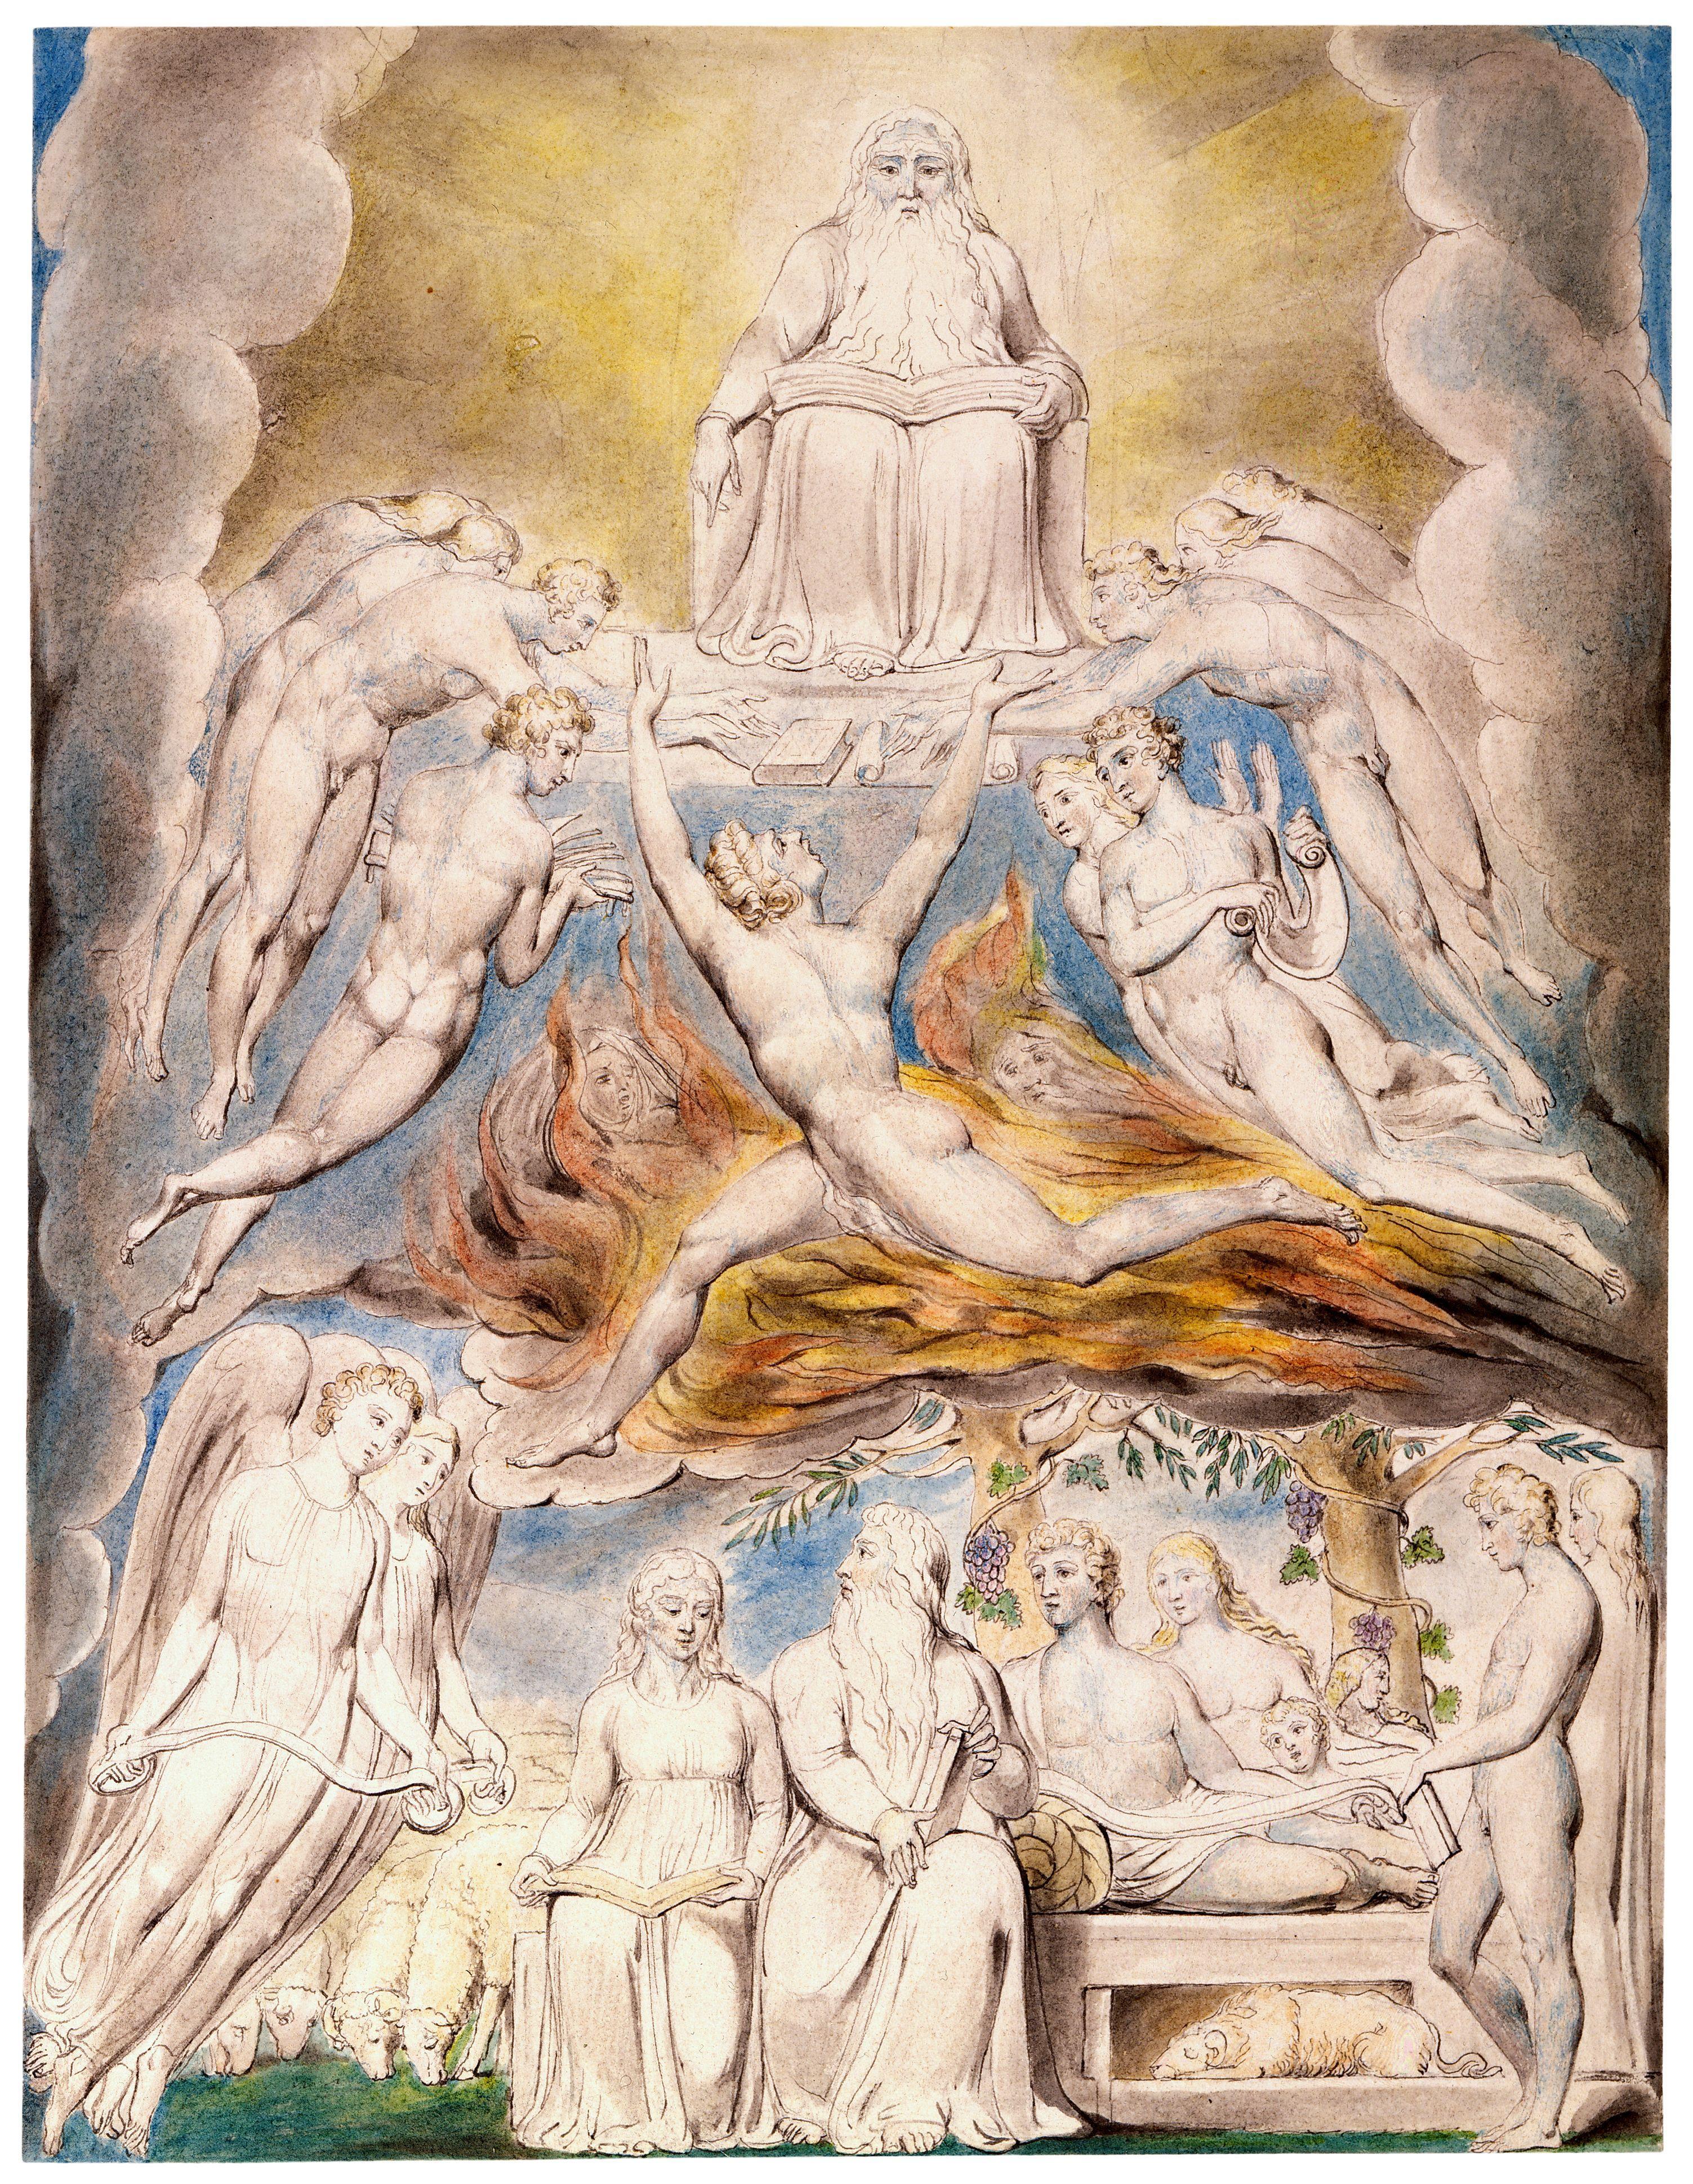 上图:英国诗人、画家威廉·布莱克(William Blake,1757-1827年)的版画《撒但在神的宝座前 Satan Before the Throne of God》,描绘「全能者仍与我同在,我的儿女都环绕我」(伯二十九5)。